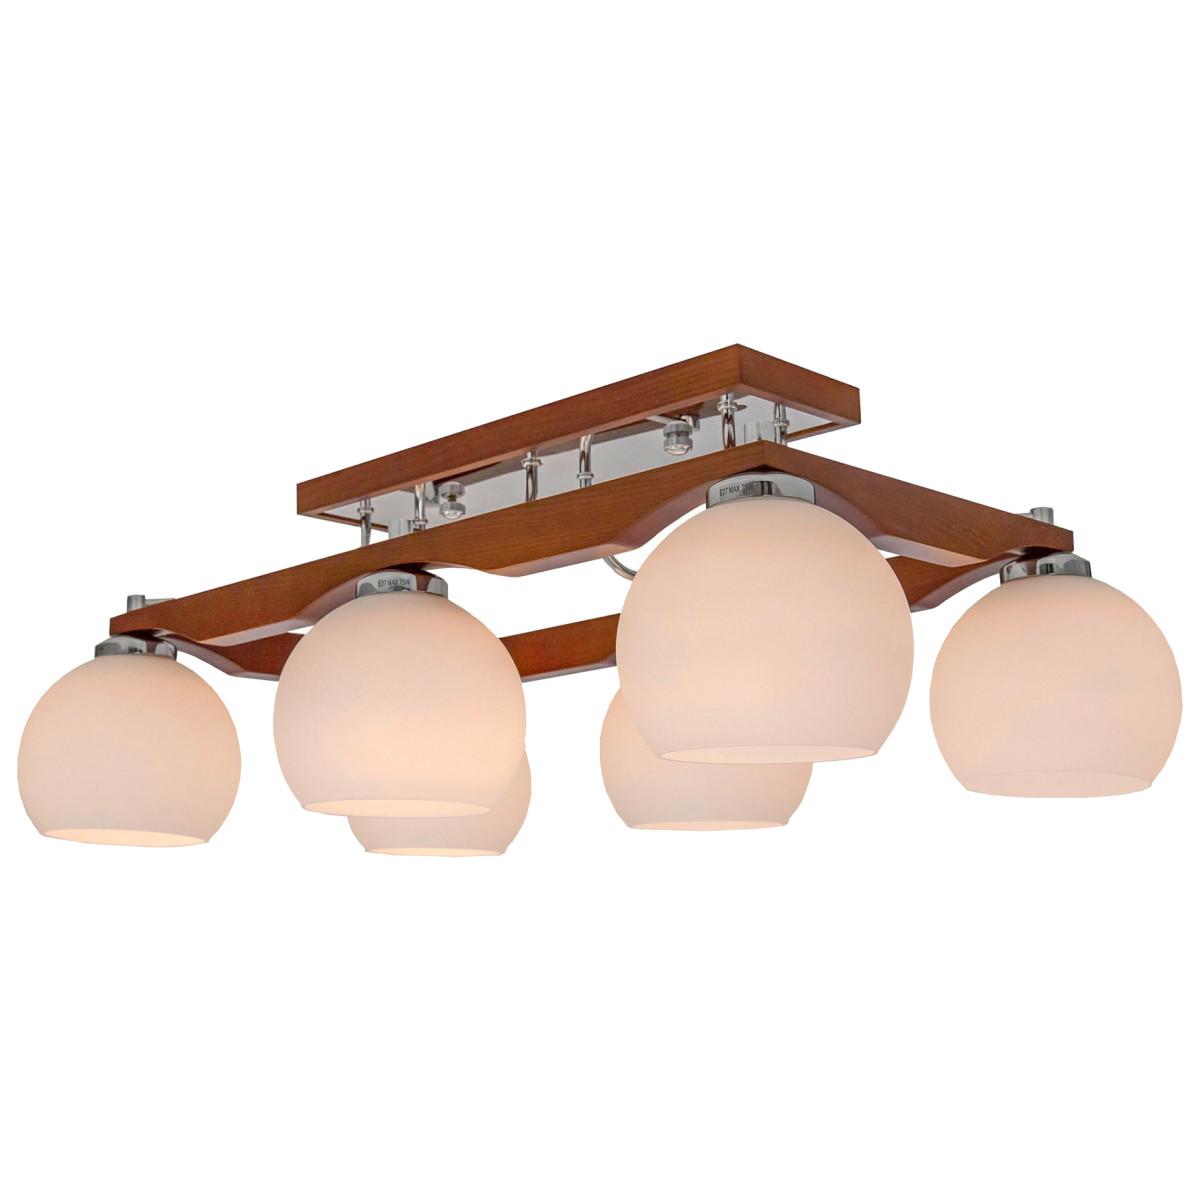 Люстра Citilux Ариста CL164361 E27 6 ламп 21 м²